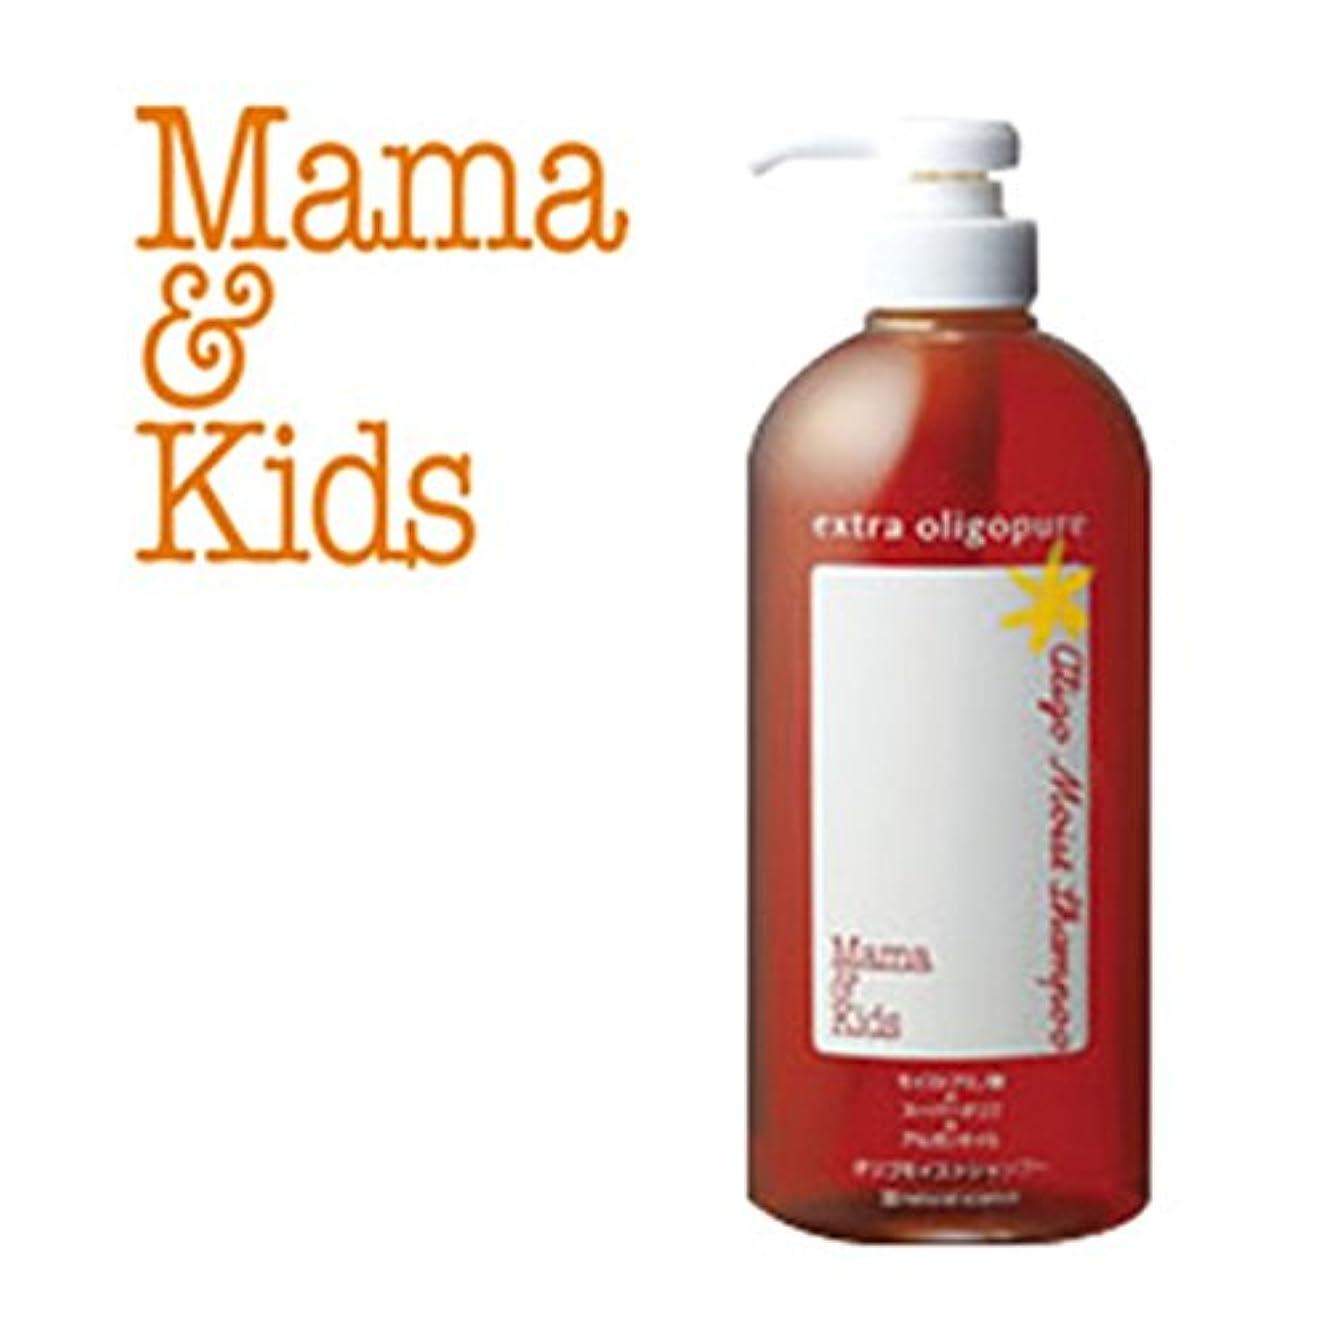 アプローチ再生可能円周ママ&キッズ オリゴモイストシャンプー720ML/Mama&Kids Oligo Moist Shampoo/洗发水